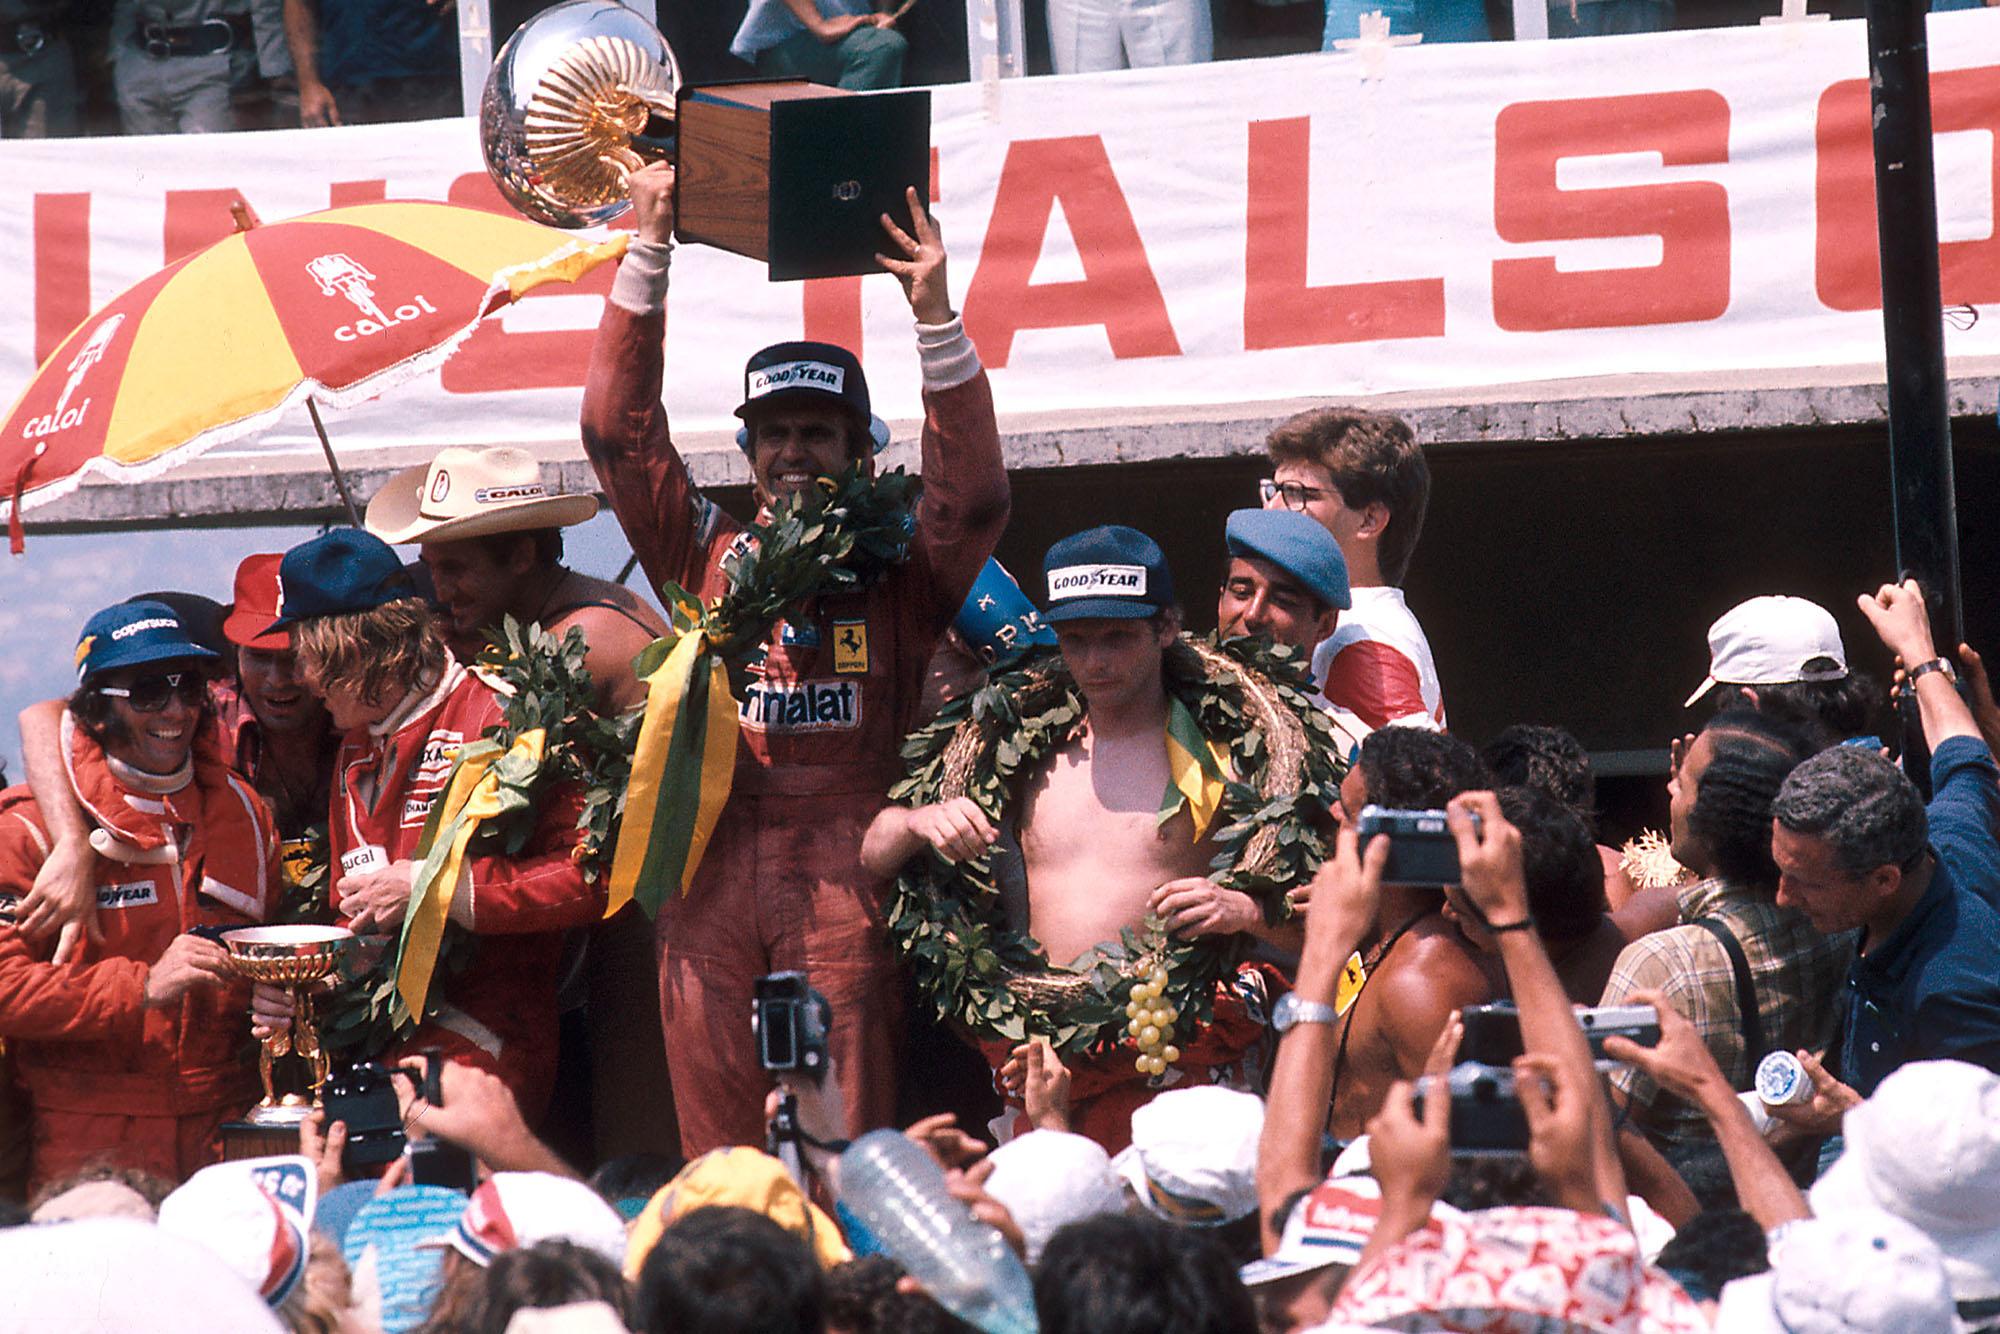 Carlos Reutemann celebrates his win at the 1977 Brazilian Grand Prix, Interlagos.